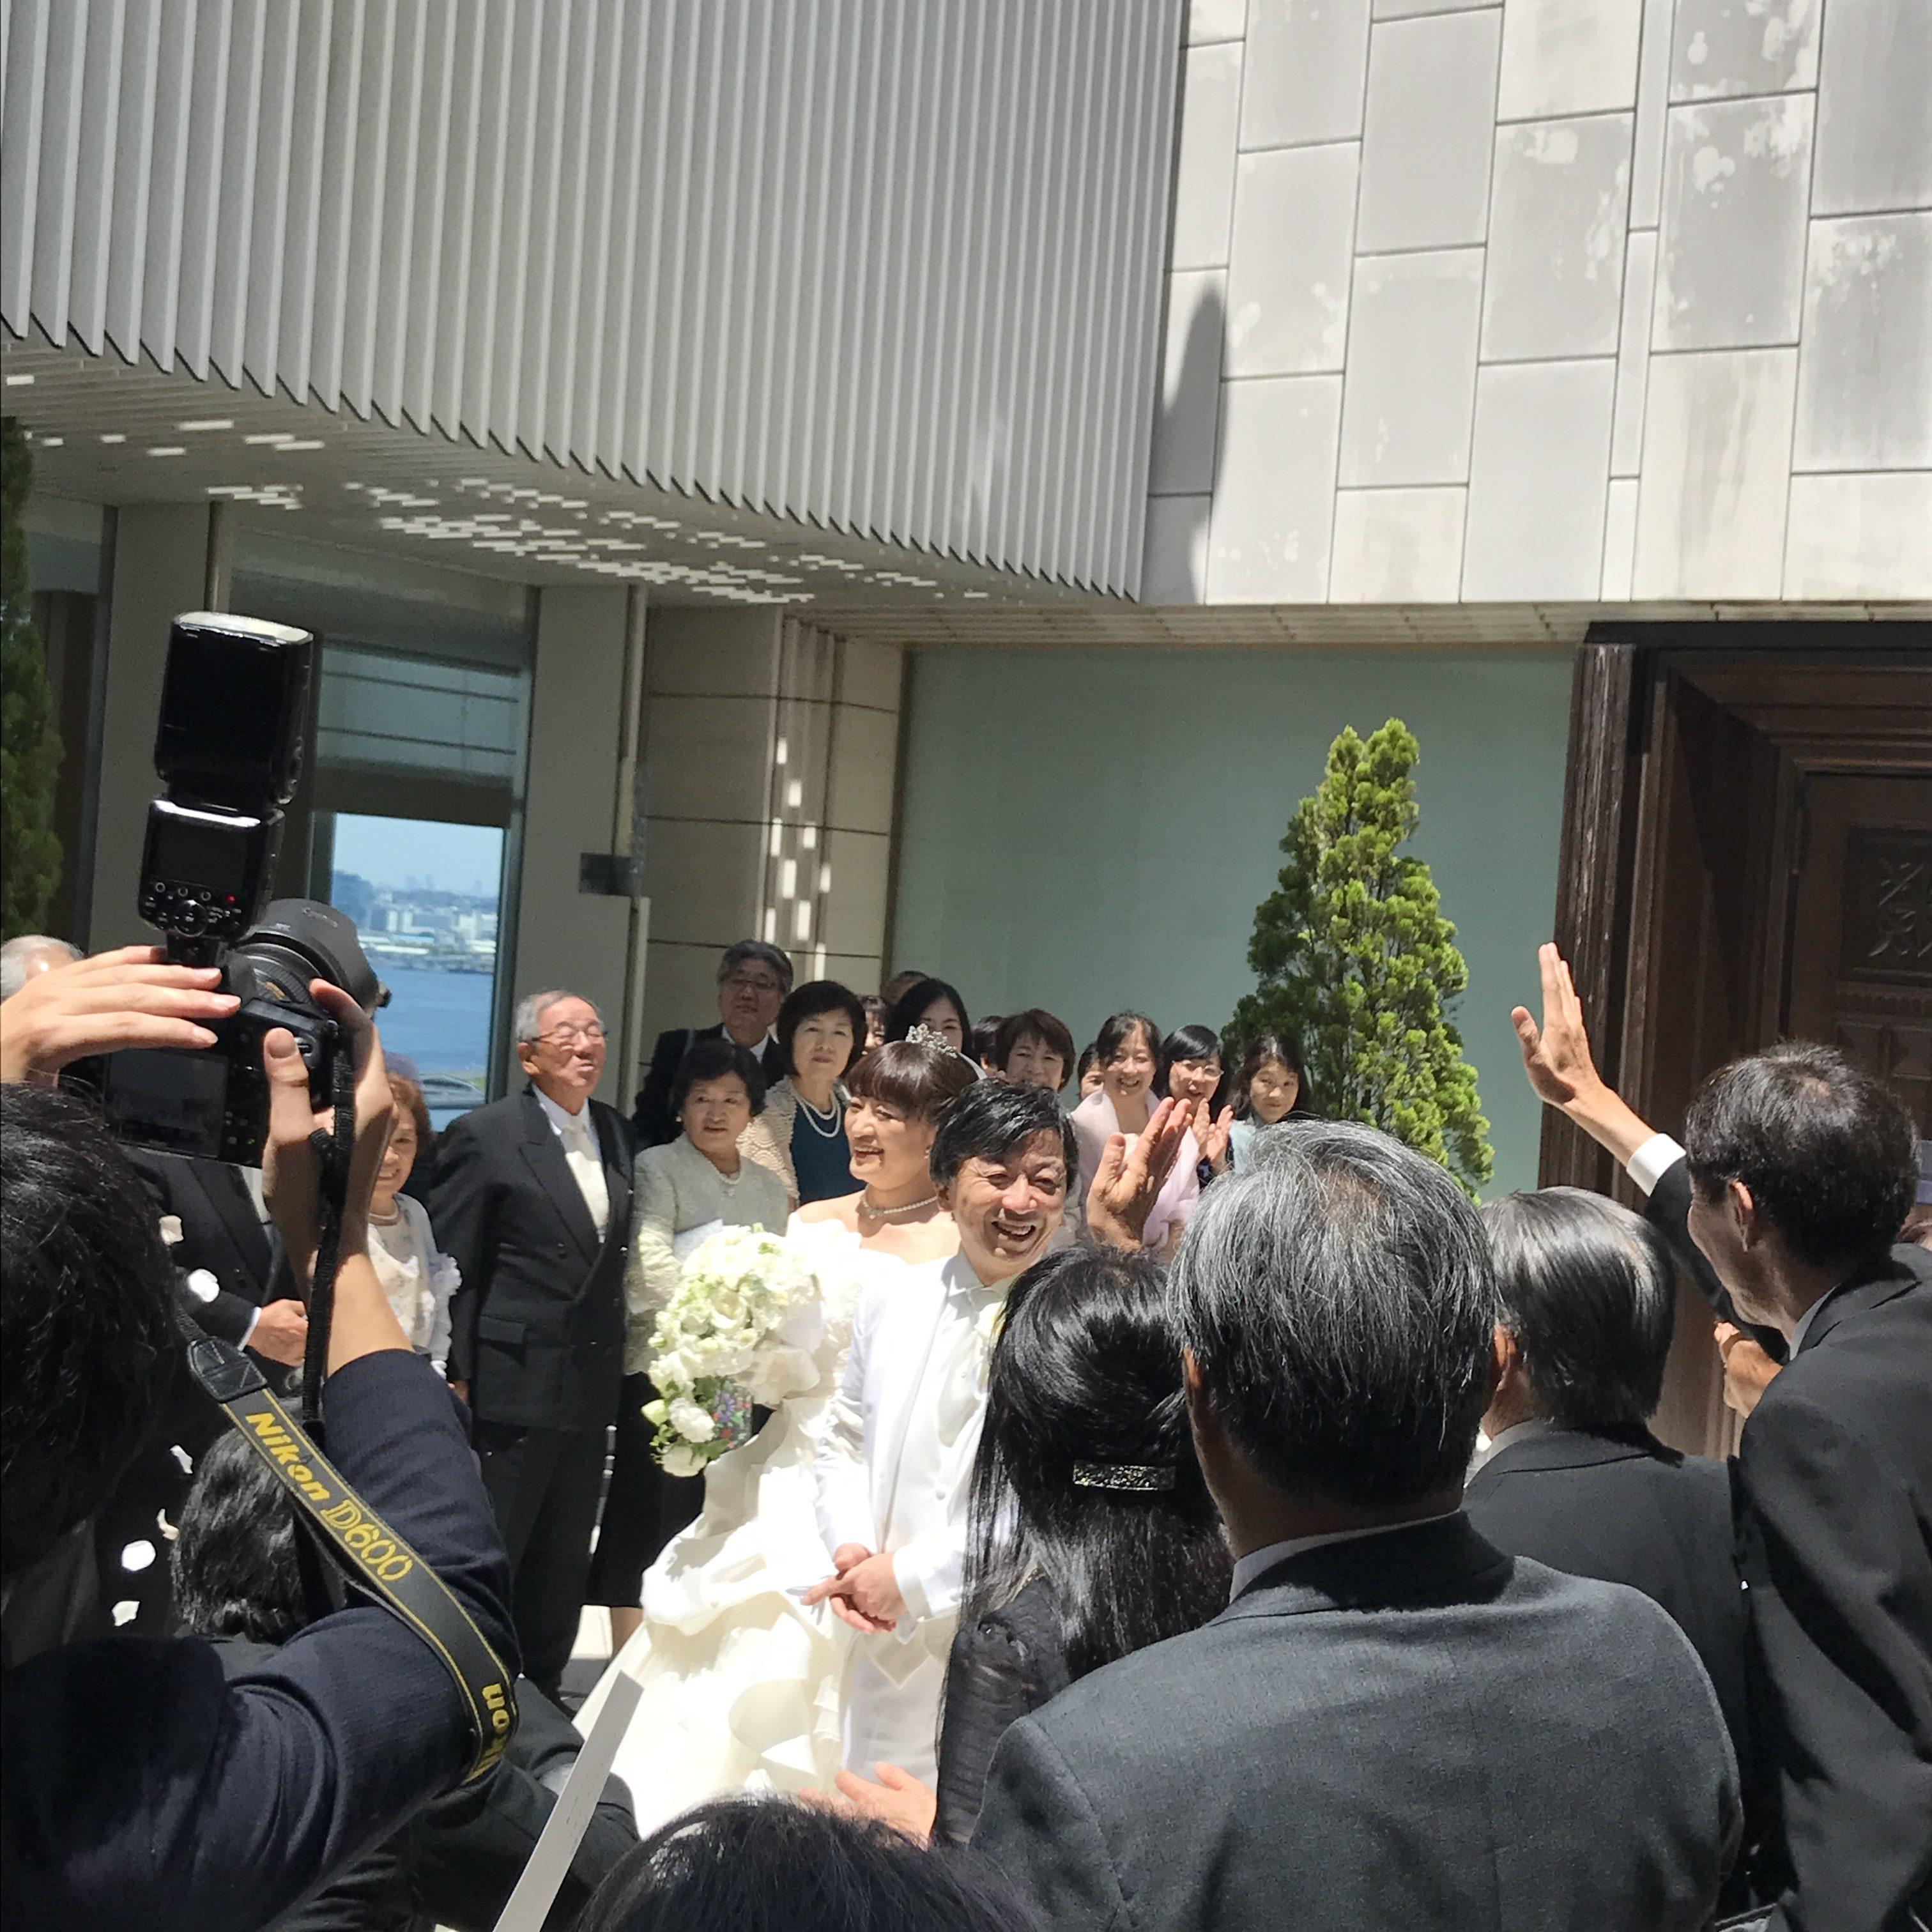 結婚式のおかげで!/横浜 元町 ウエディングサロン